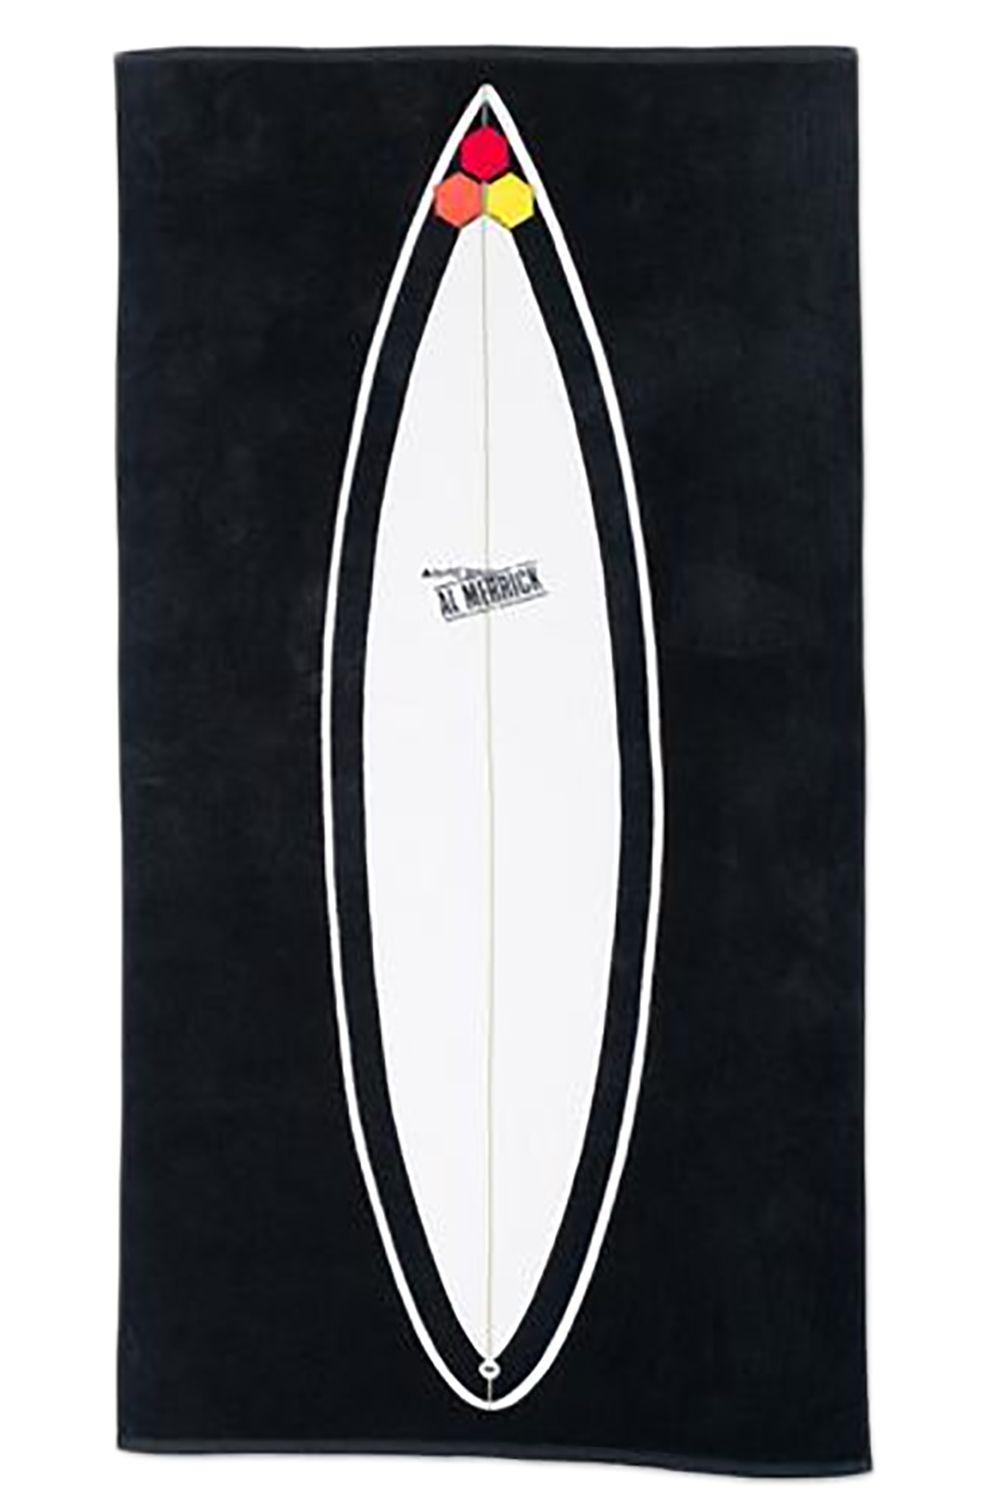 Al Merrick Beach Towel BLACK BEAUTY Black